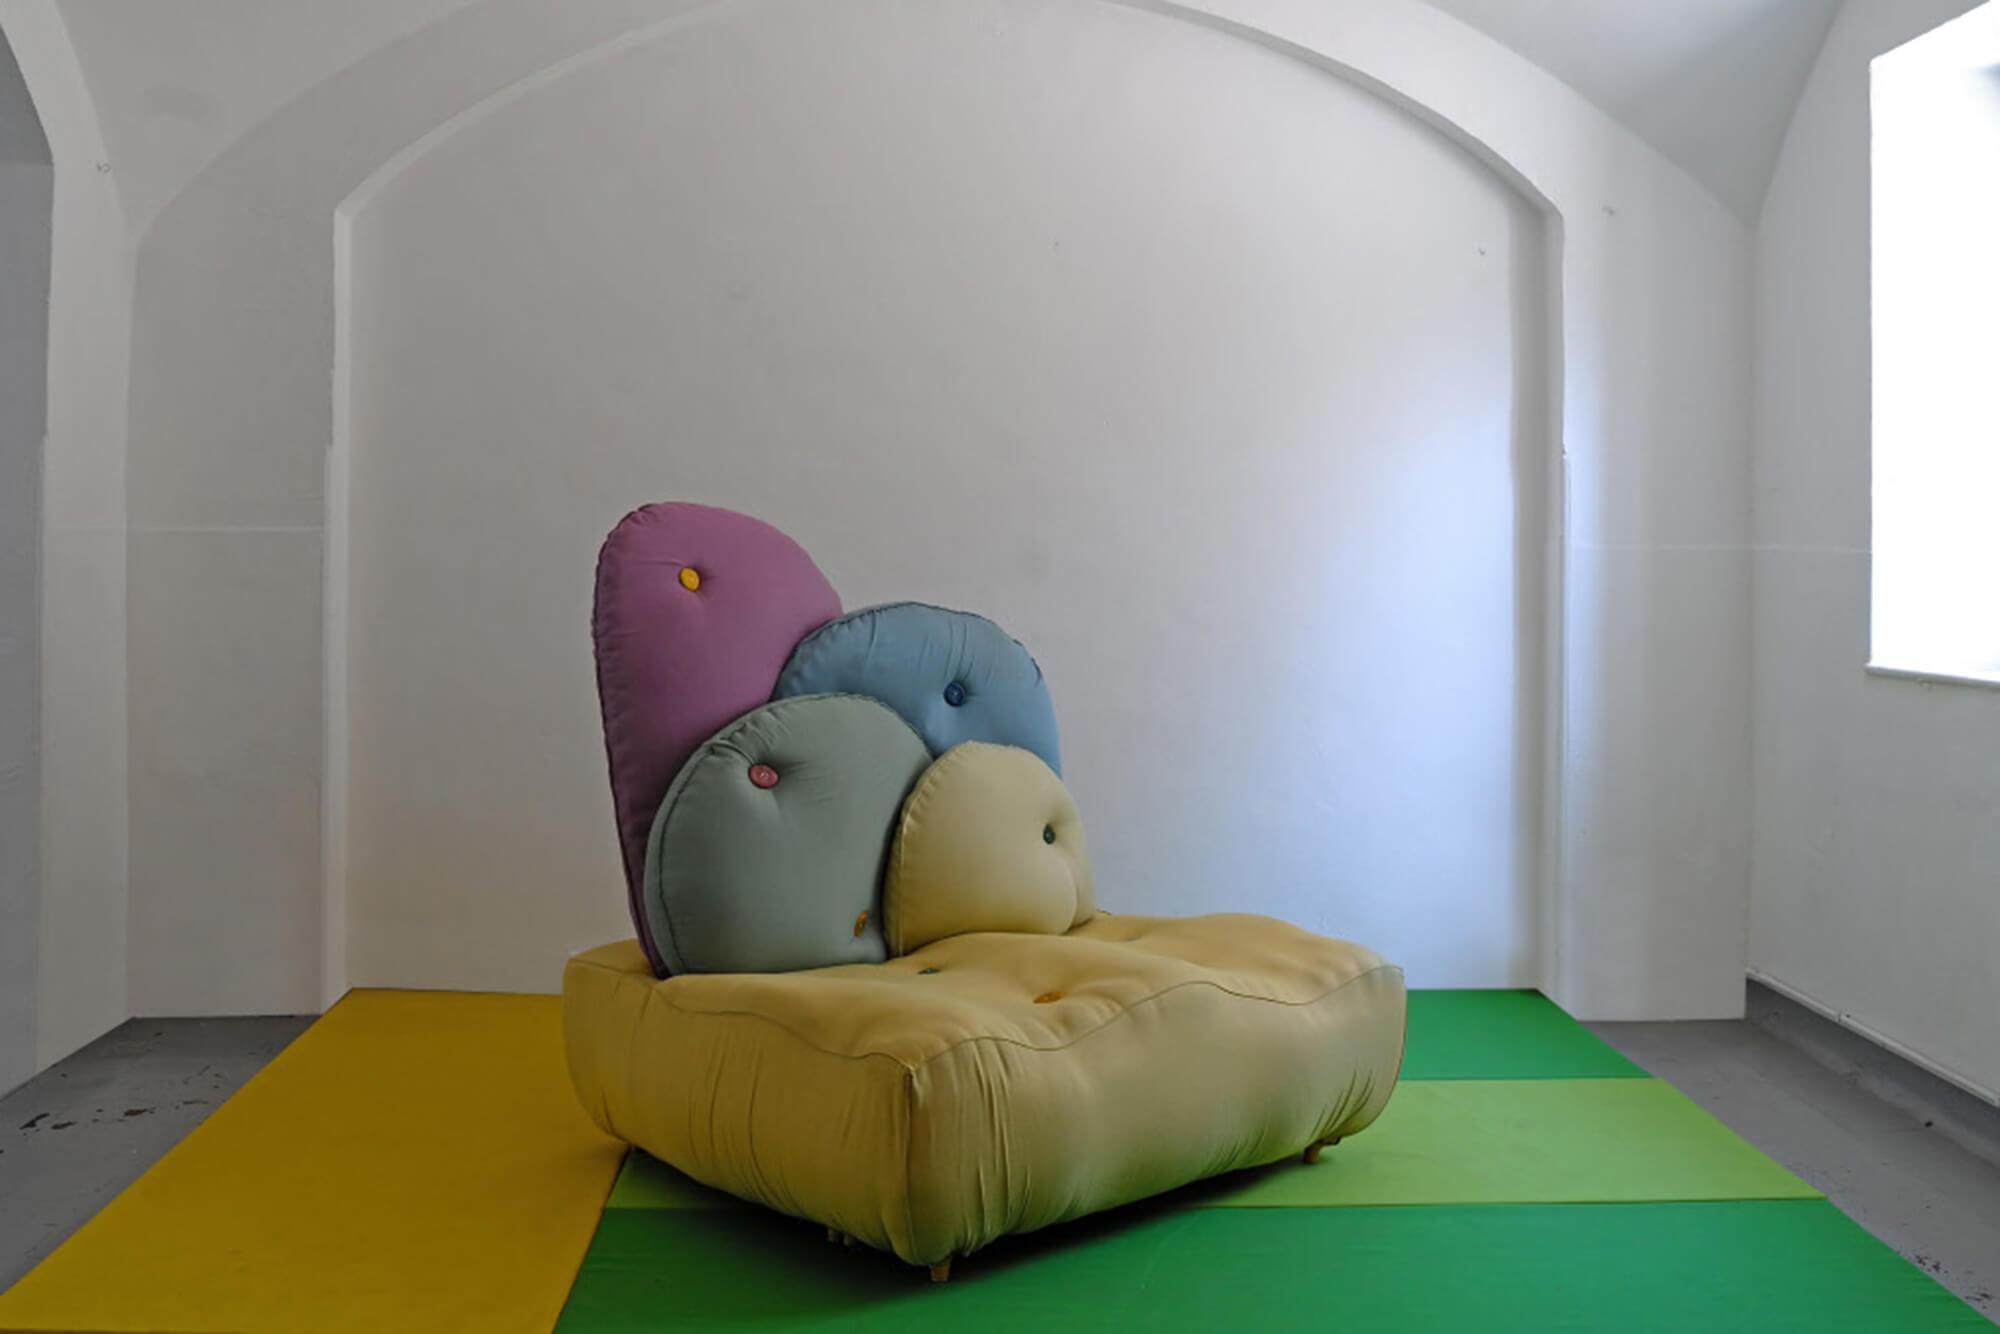 ผลงานจากกลุ่มศิลปิน BCXSY ที่จินตนาการถึงเก้าอี้นวมเพื่อใช้งานกลางแจ้ง ด้วยการใช้ผ้าจาก Sunbrella